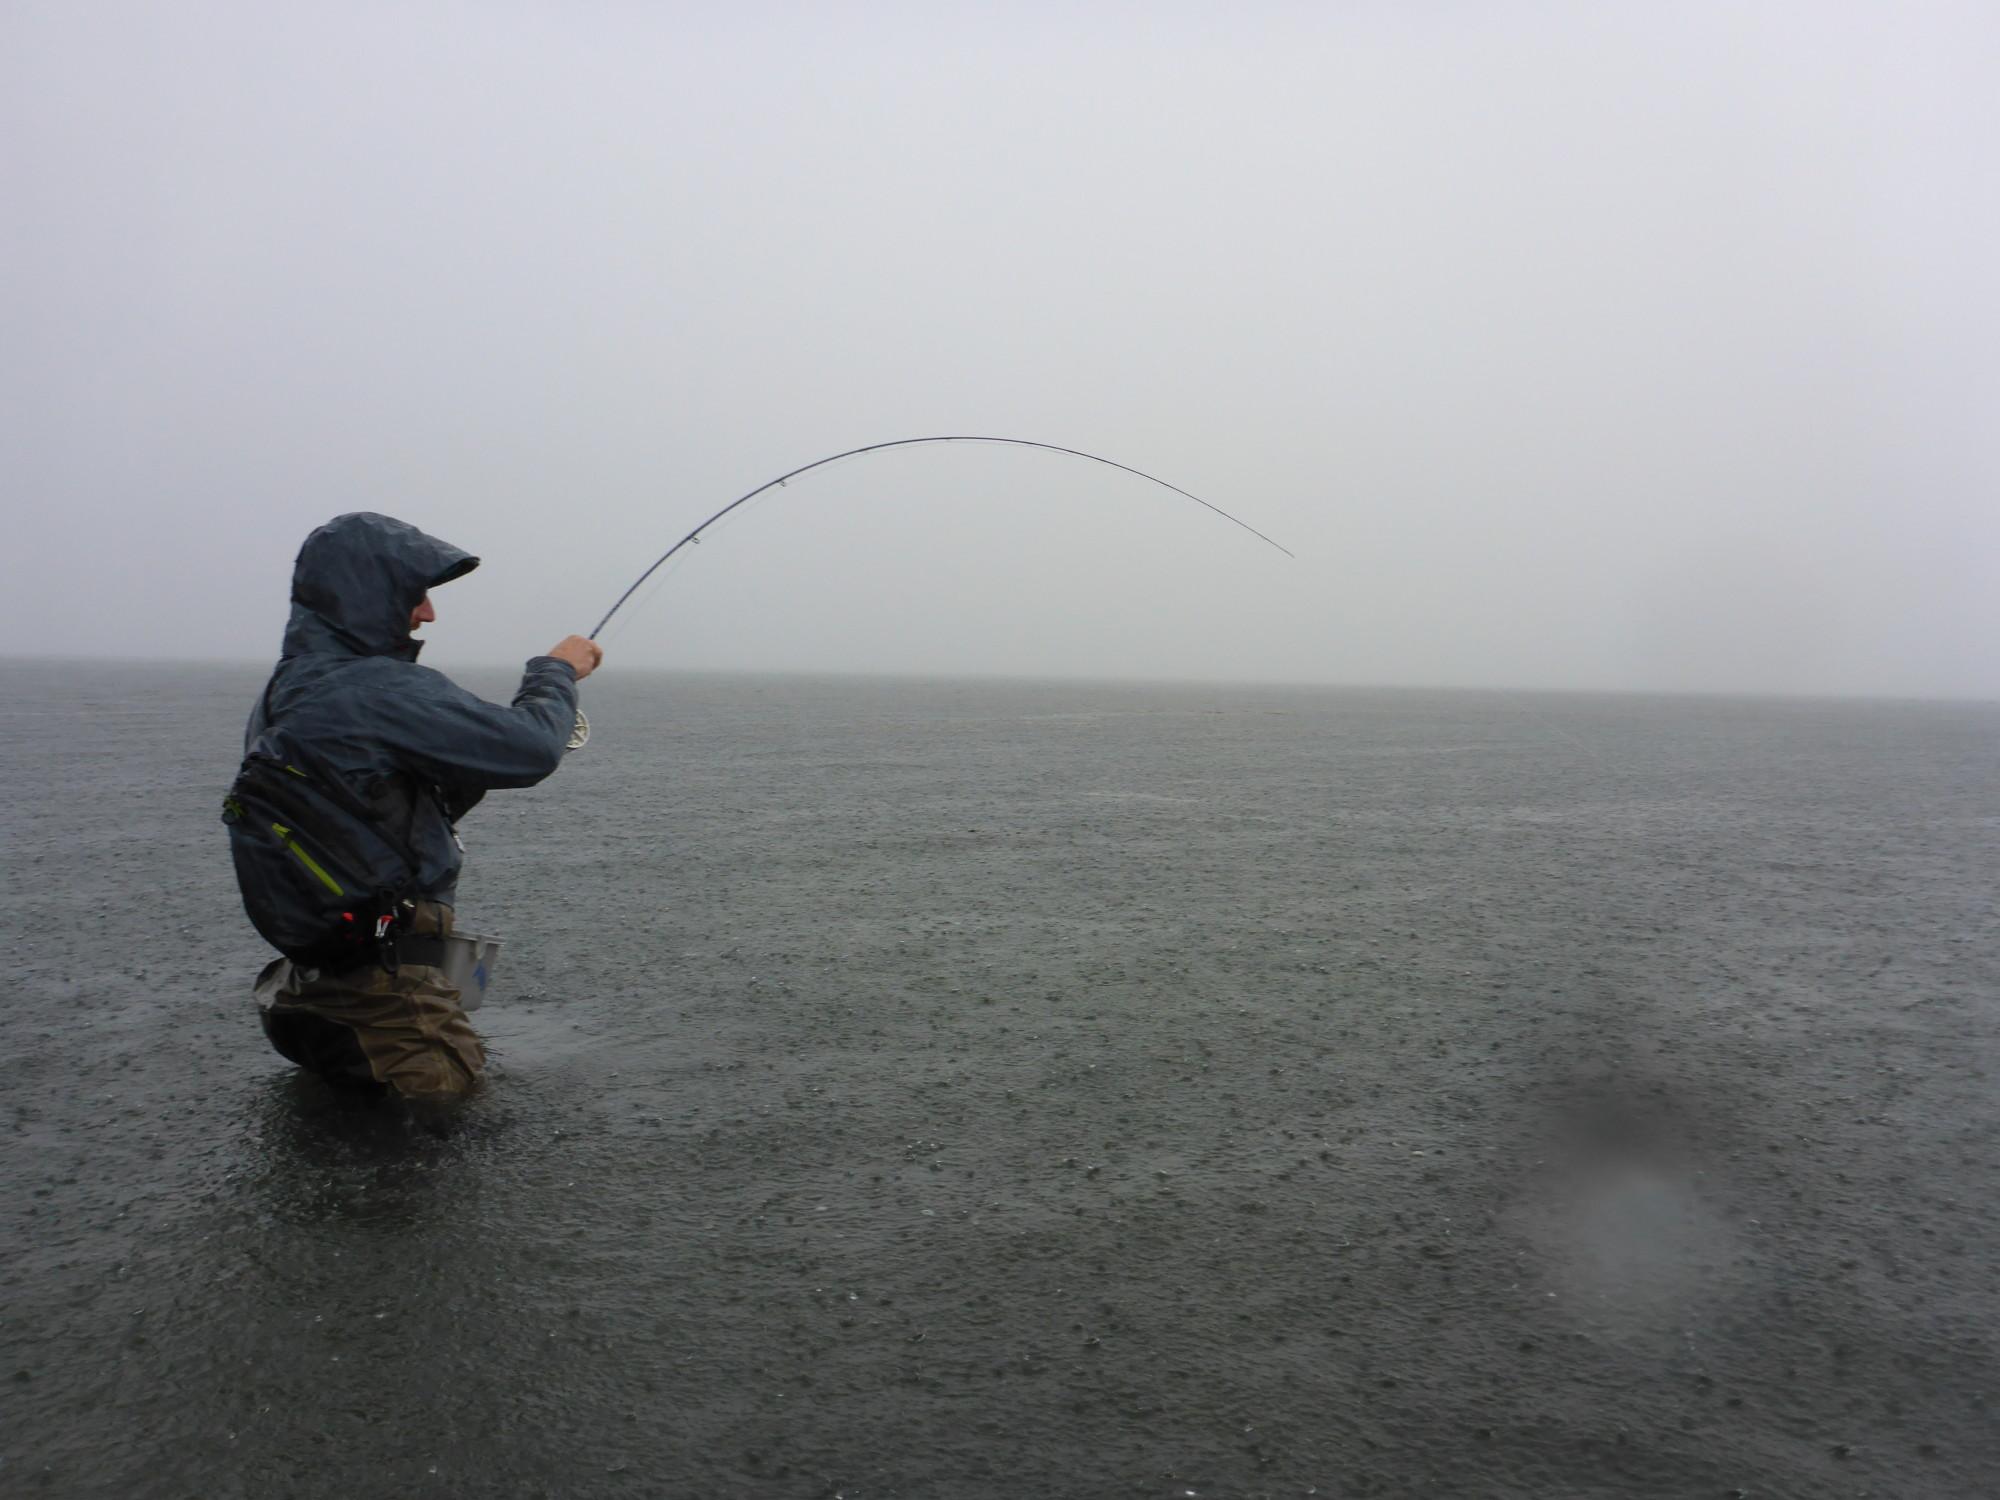 Ob Sturm, Dauerregen oder gar Schnee – Die Forellen sind bei allen Bedingungen auf Jagd. Daran sollten auch wir uns halten. Hier hat im strömenden regen eine fette Forelle den Streamer genommen. Foto: BLINKER